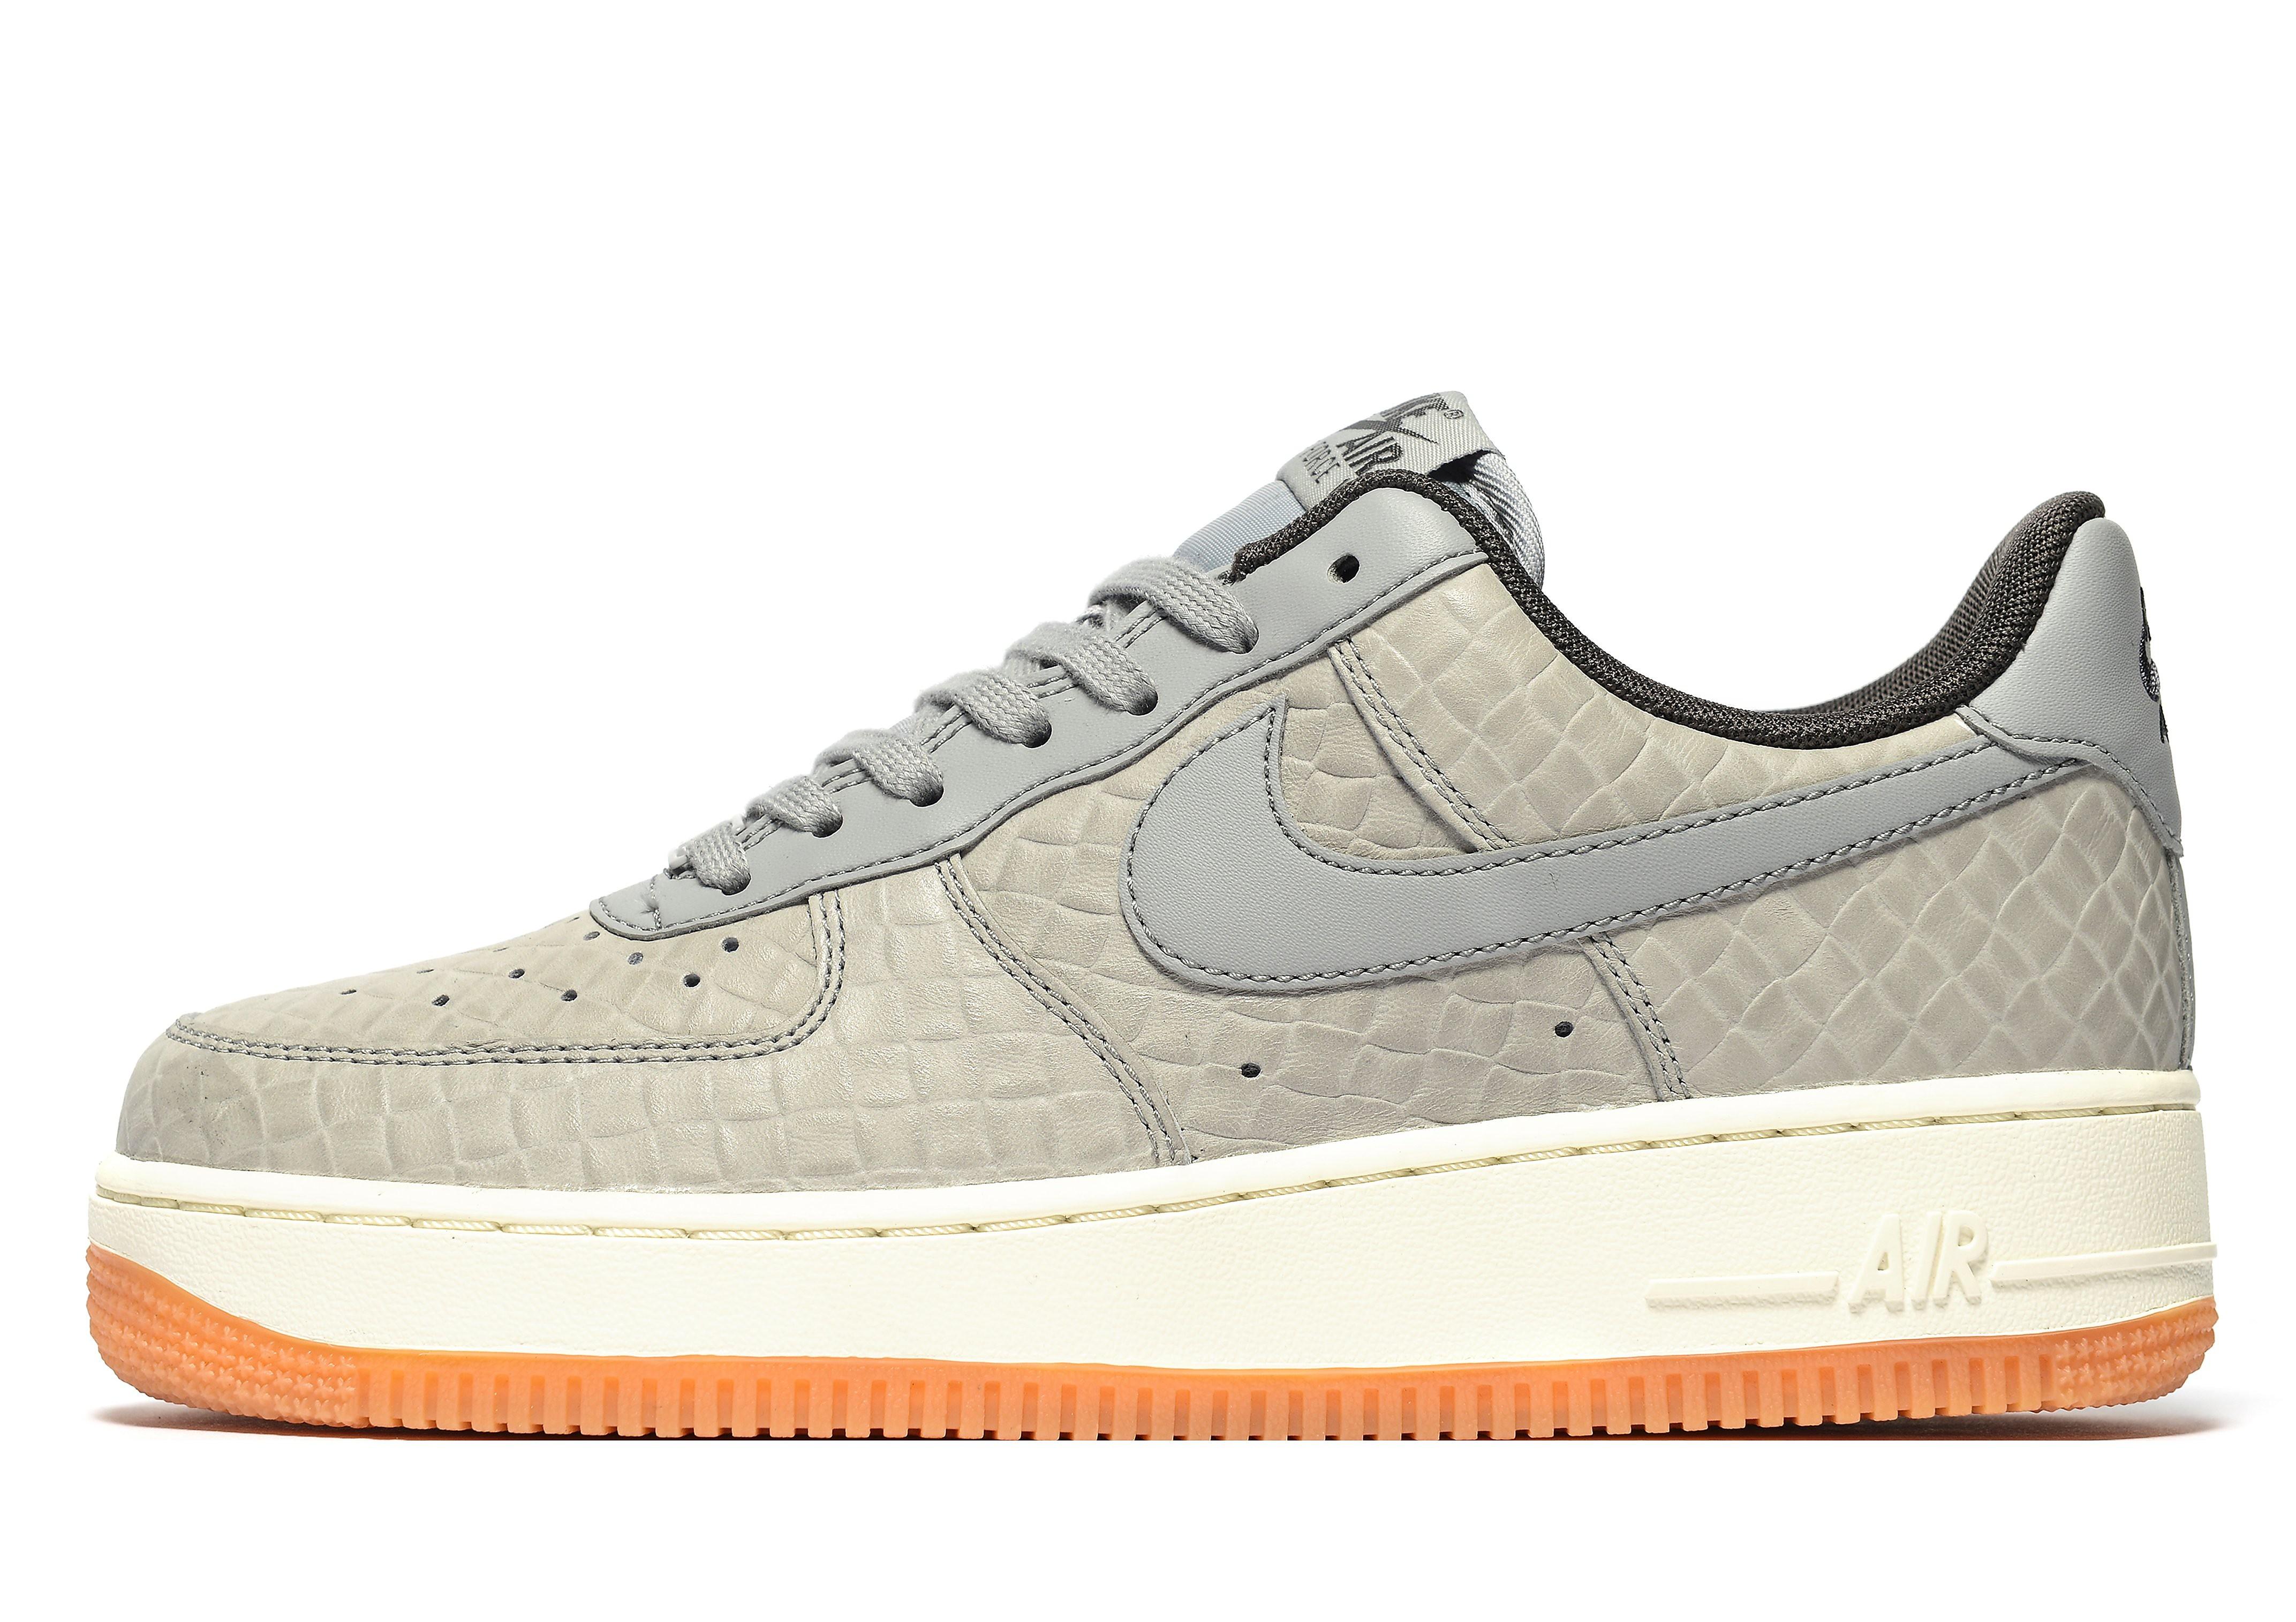 Nike Air Force 1 07 Premium Women's